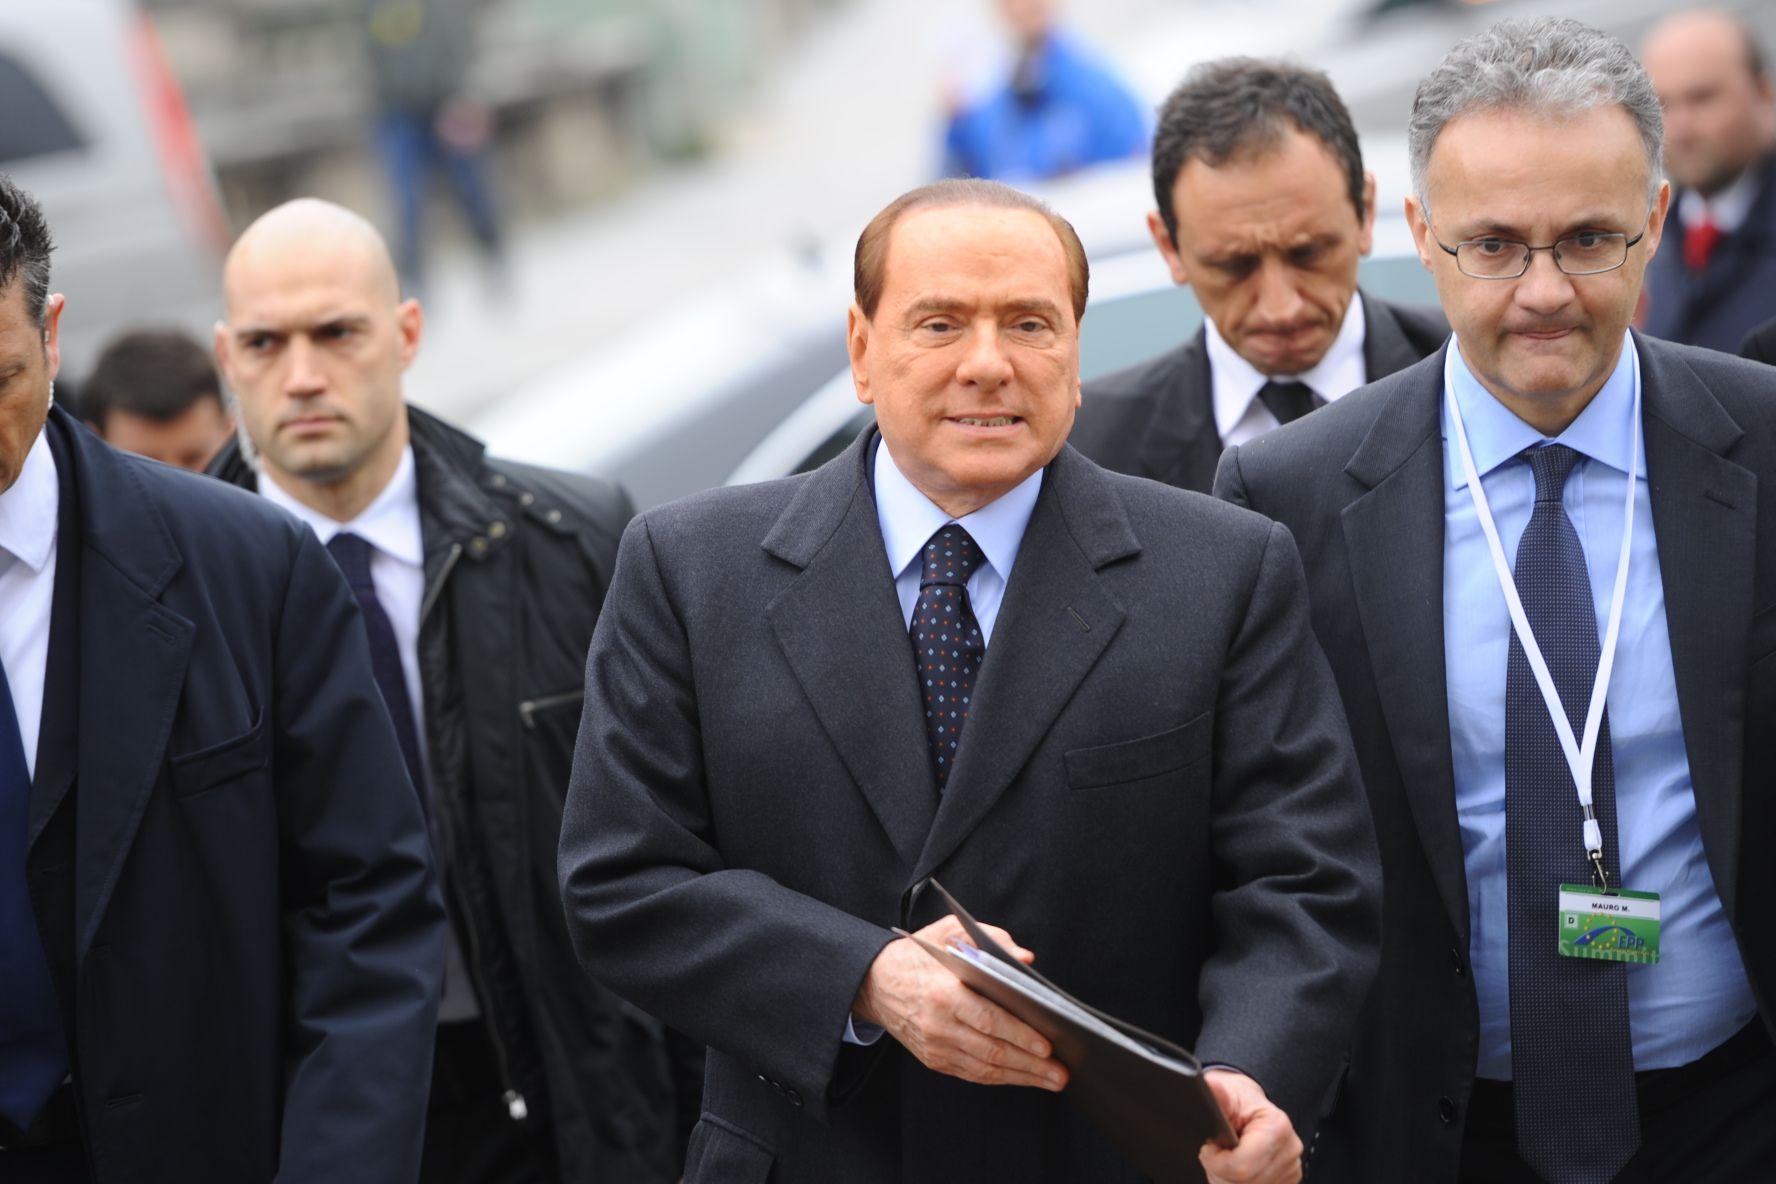 Silvio Berlusconi a été acquitté en appel dans le scandale du Rubygate